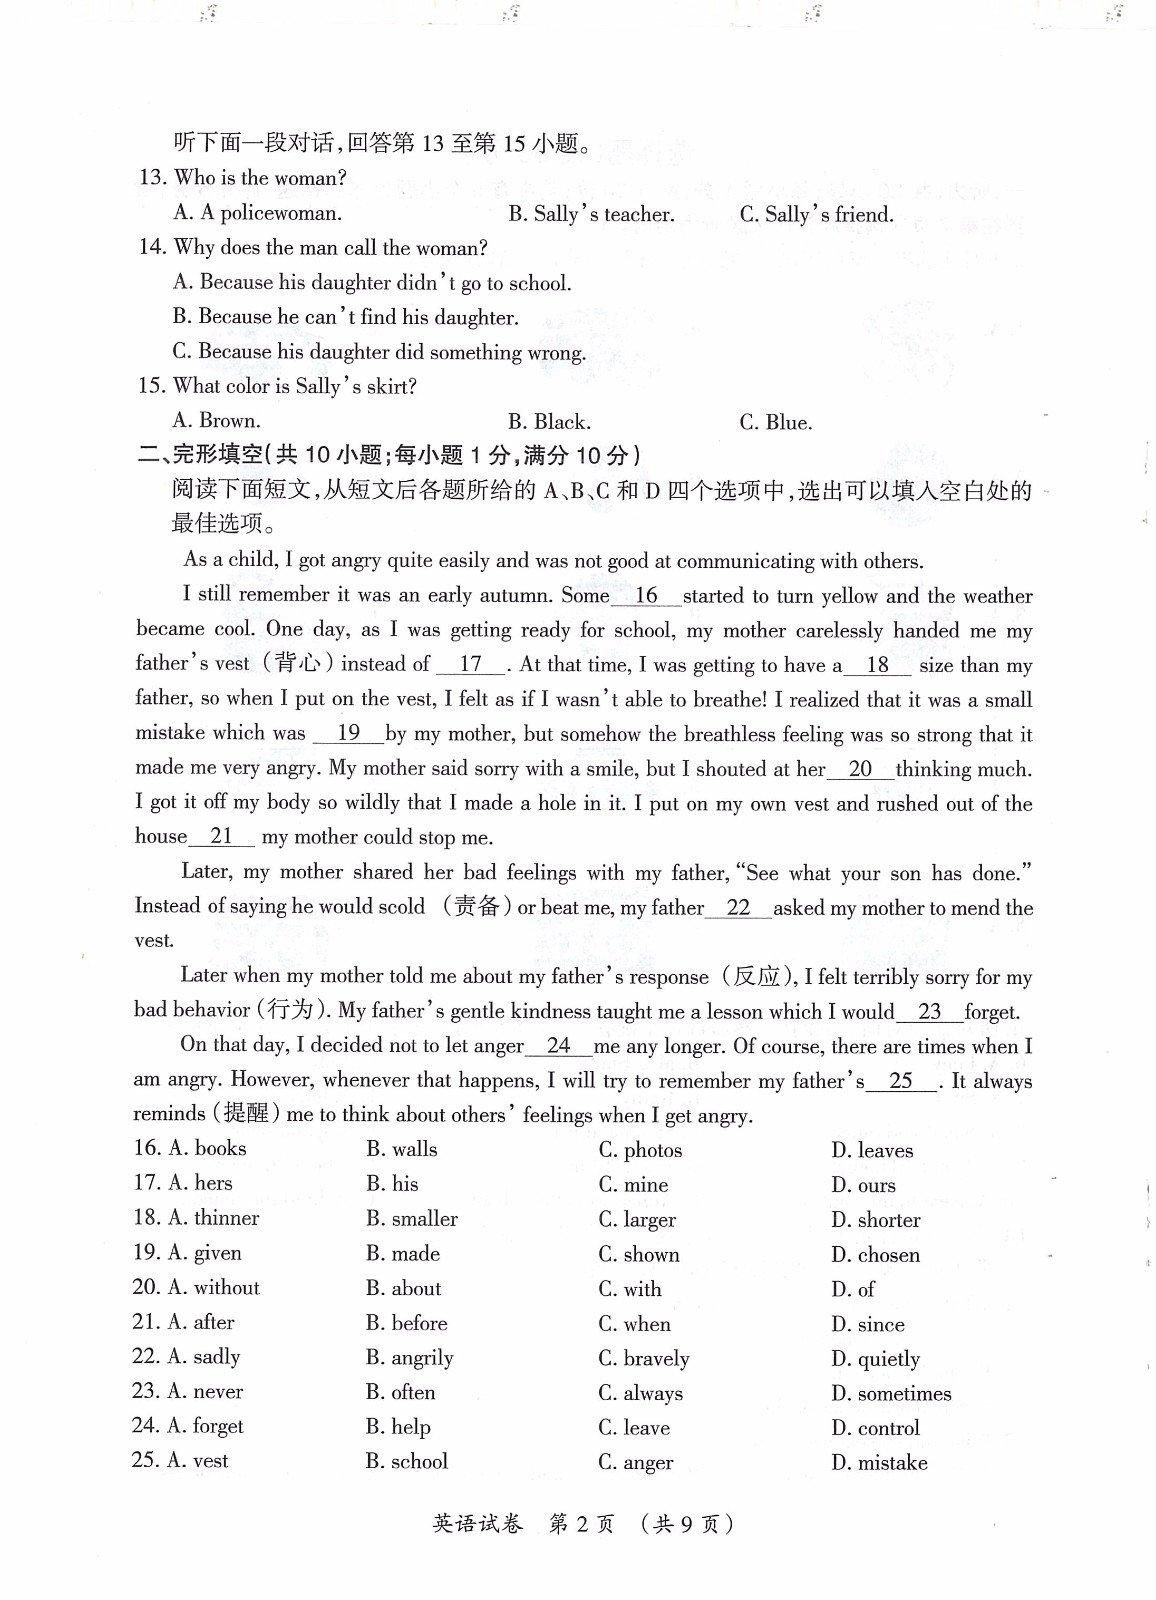 2019年宁夏中考《英语》真题及答案已公布